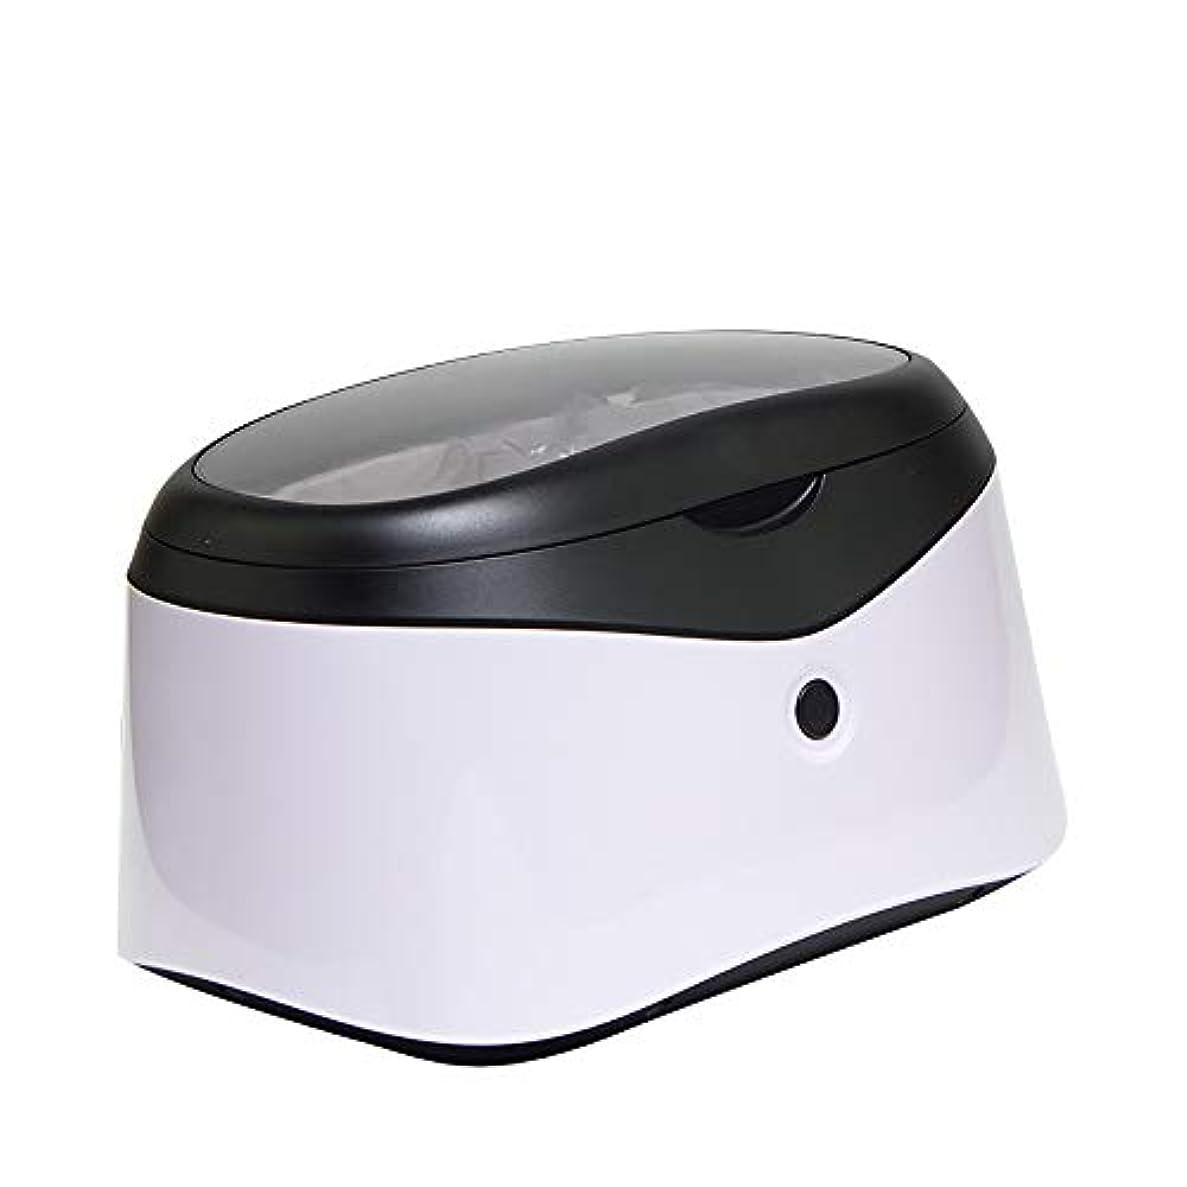 美人マチュピチュ憂鬱な消毒機、超音波洗浄機2.5Lミニ超音波洗浄宝ネイルマシンの消毒洗浄アーティファクトを清掃